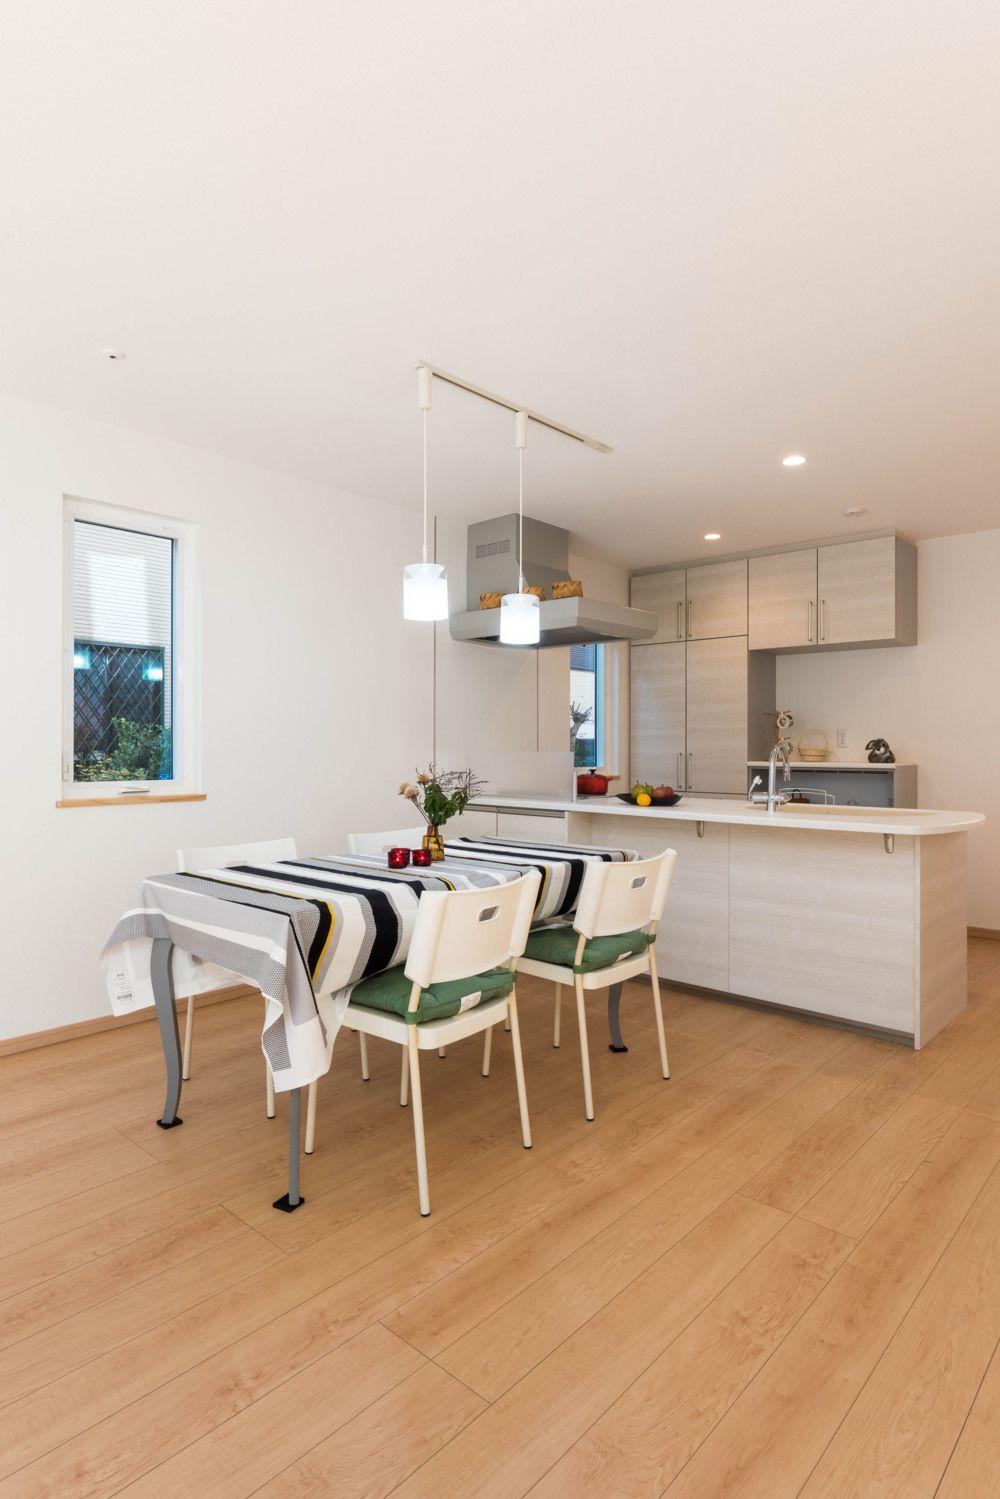 フリーメンテが自慢 真っ白な外壁の超 長持ちの家 横浜で北欧住宅を建てるマックライフの写真集 2020 北欧住宅 家 住宅